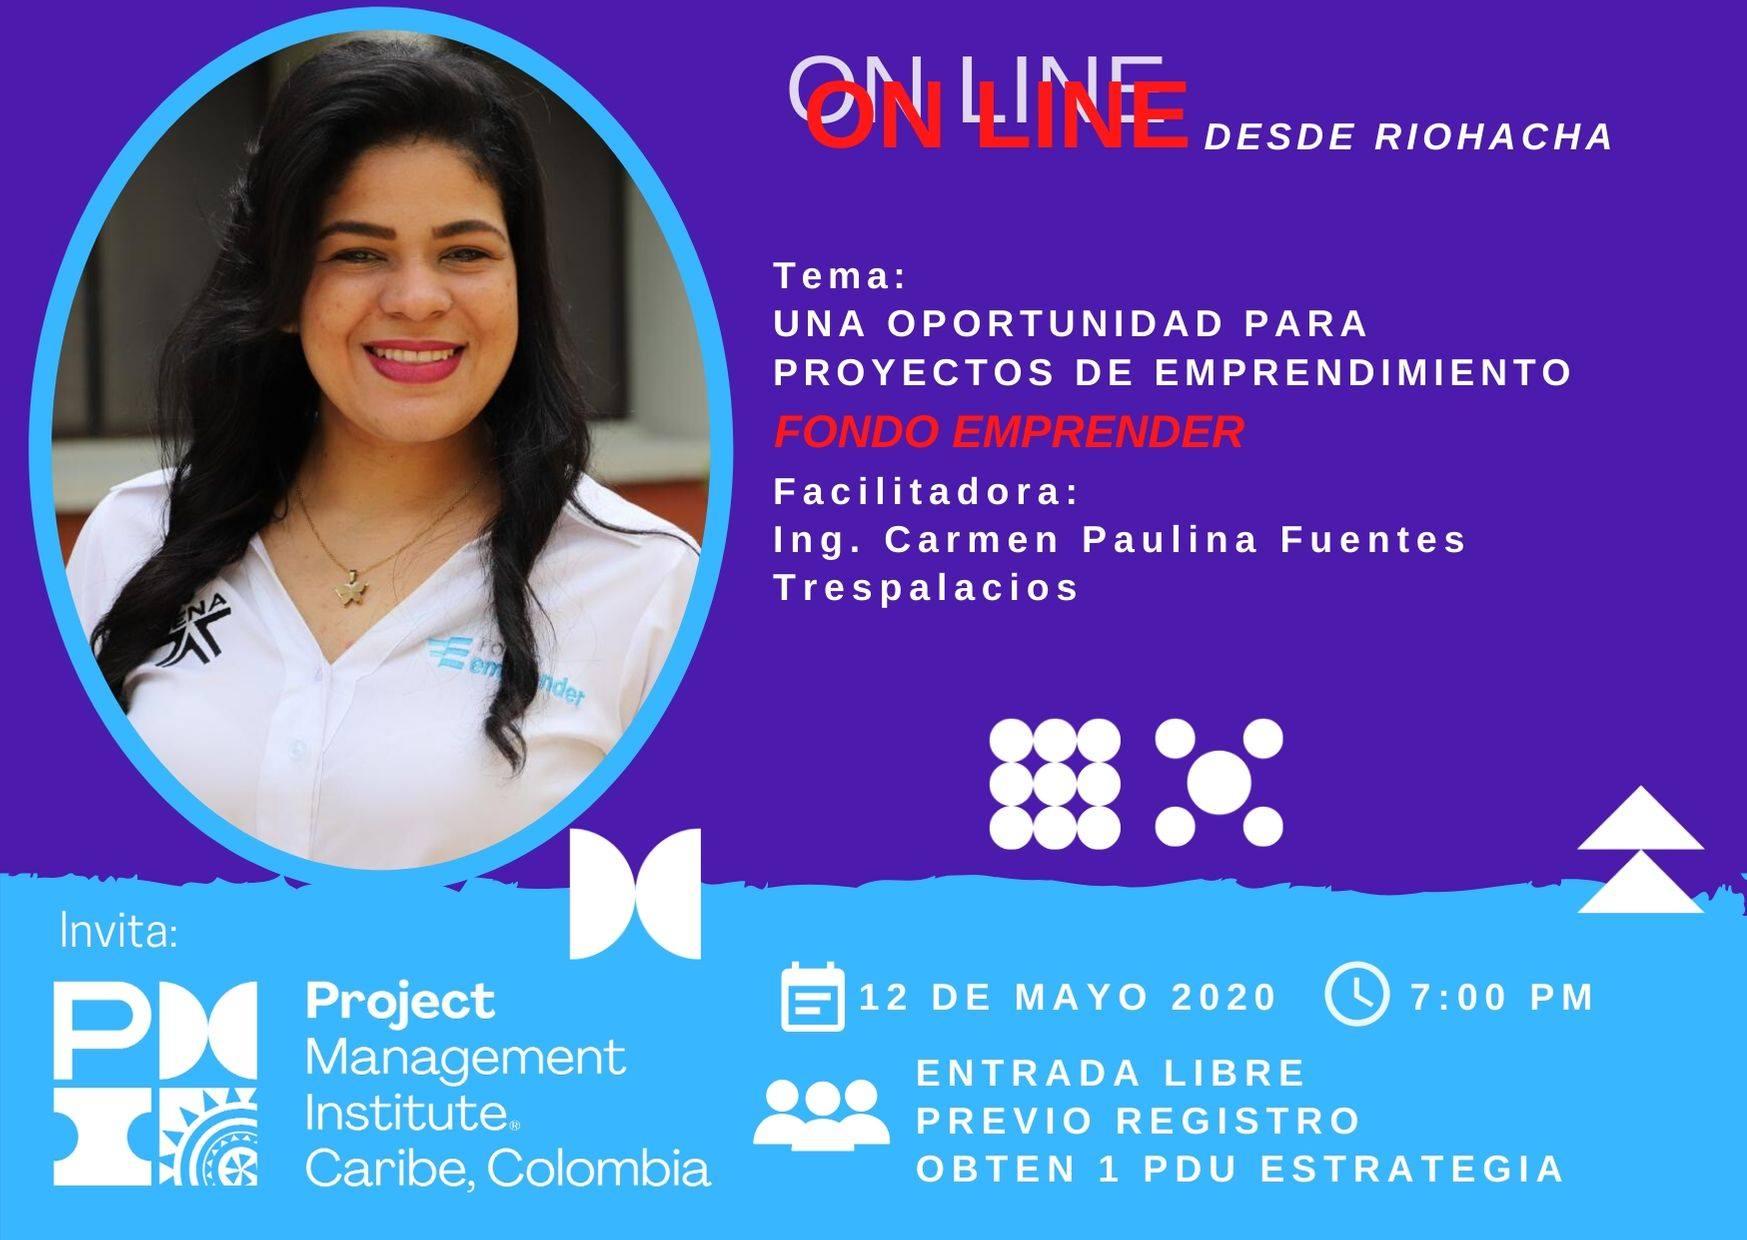 Una Oportunidad para Proyectos de Emprendimiento:Fondo Emprender